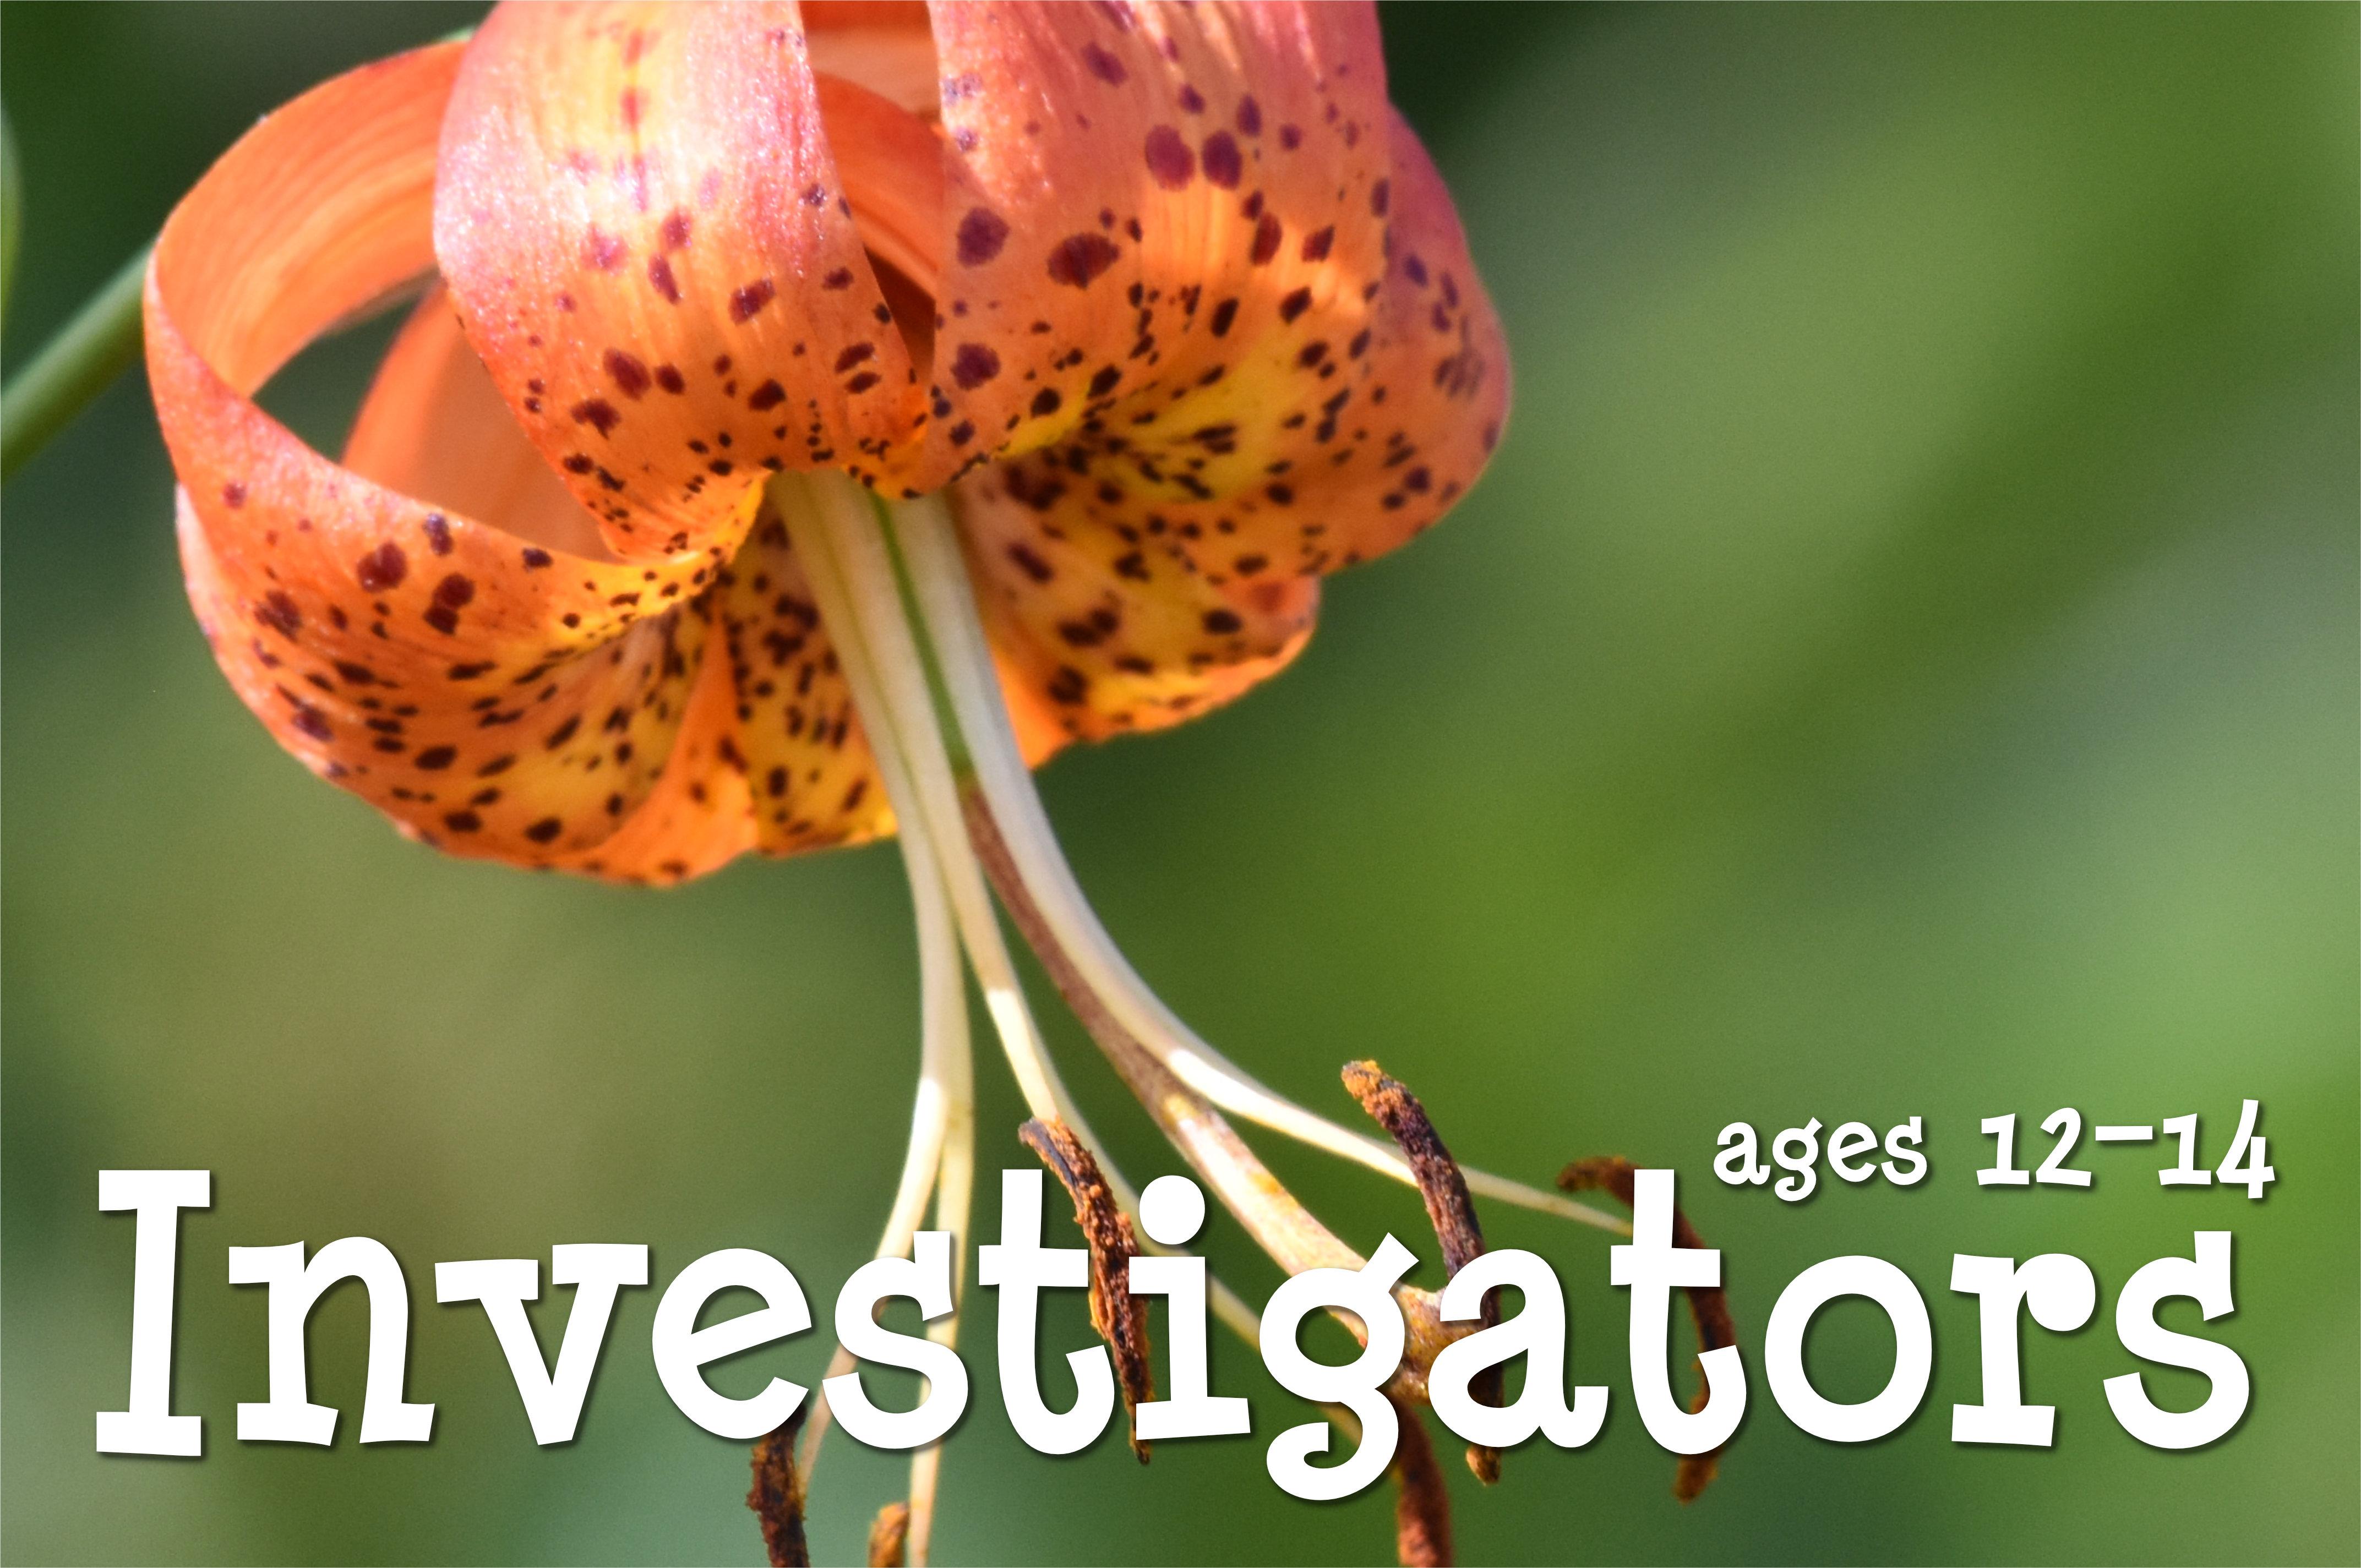 Investigators: ages 12-14